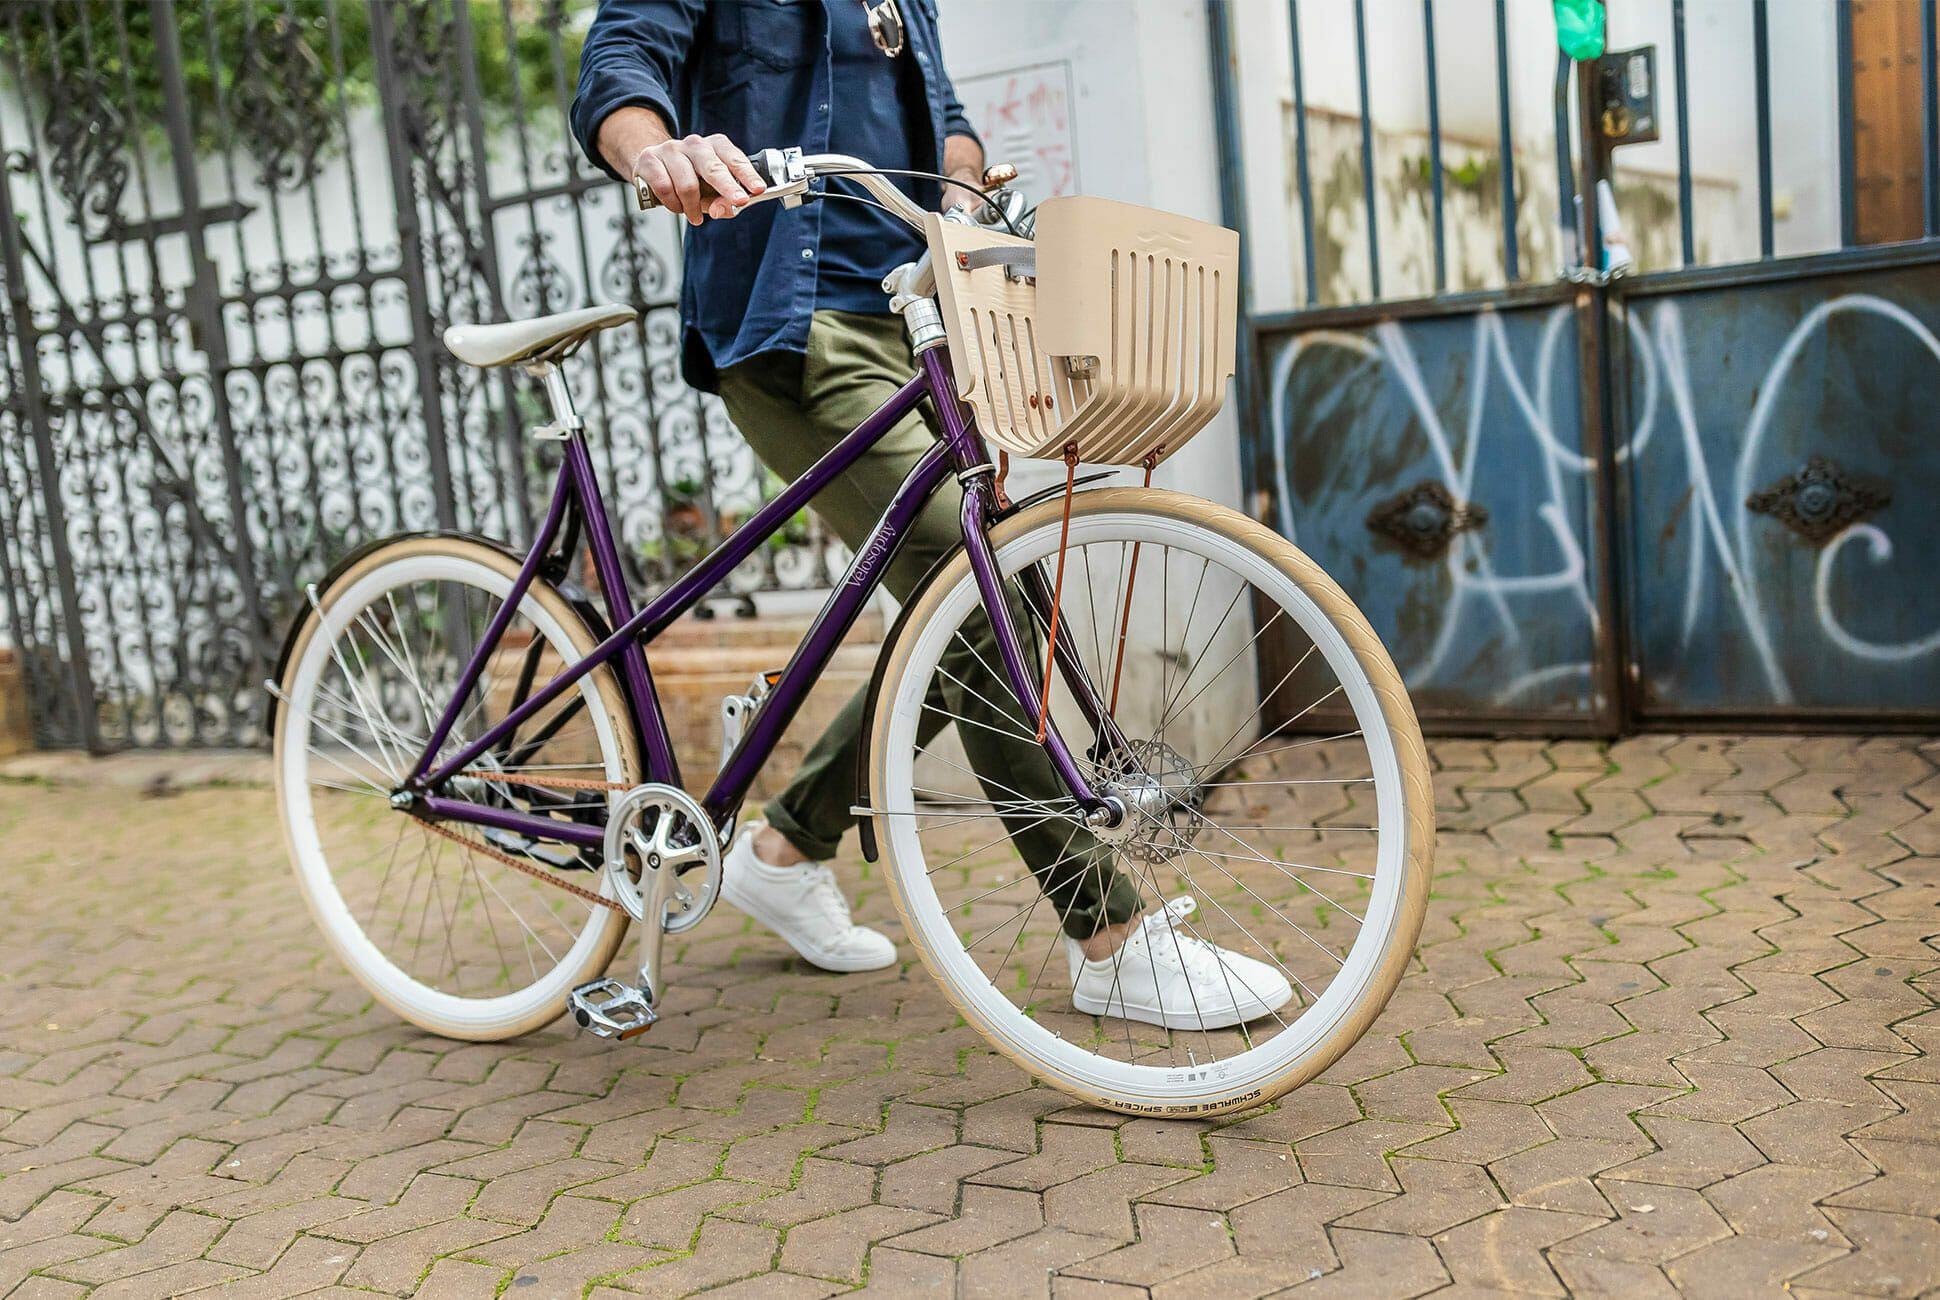 Velosophy-Re-Cycle-Nespresso-Bike-gear-patrol-slide-2